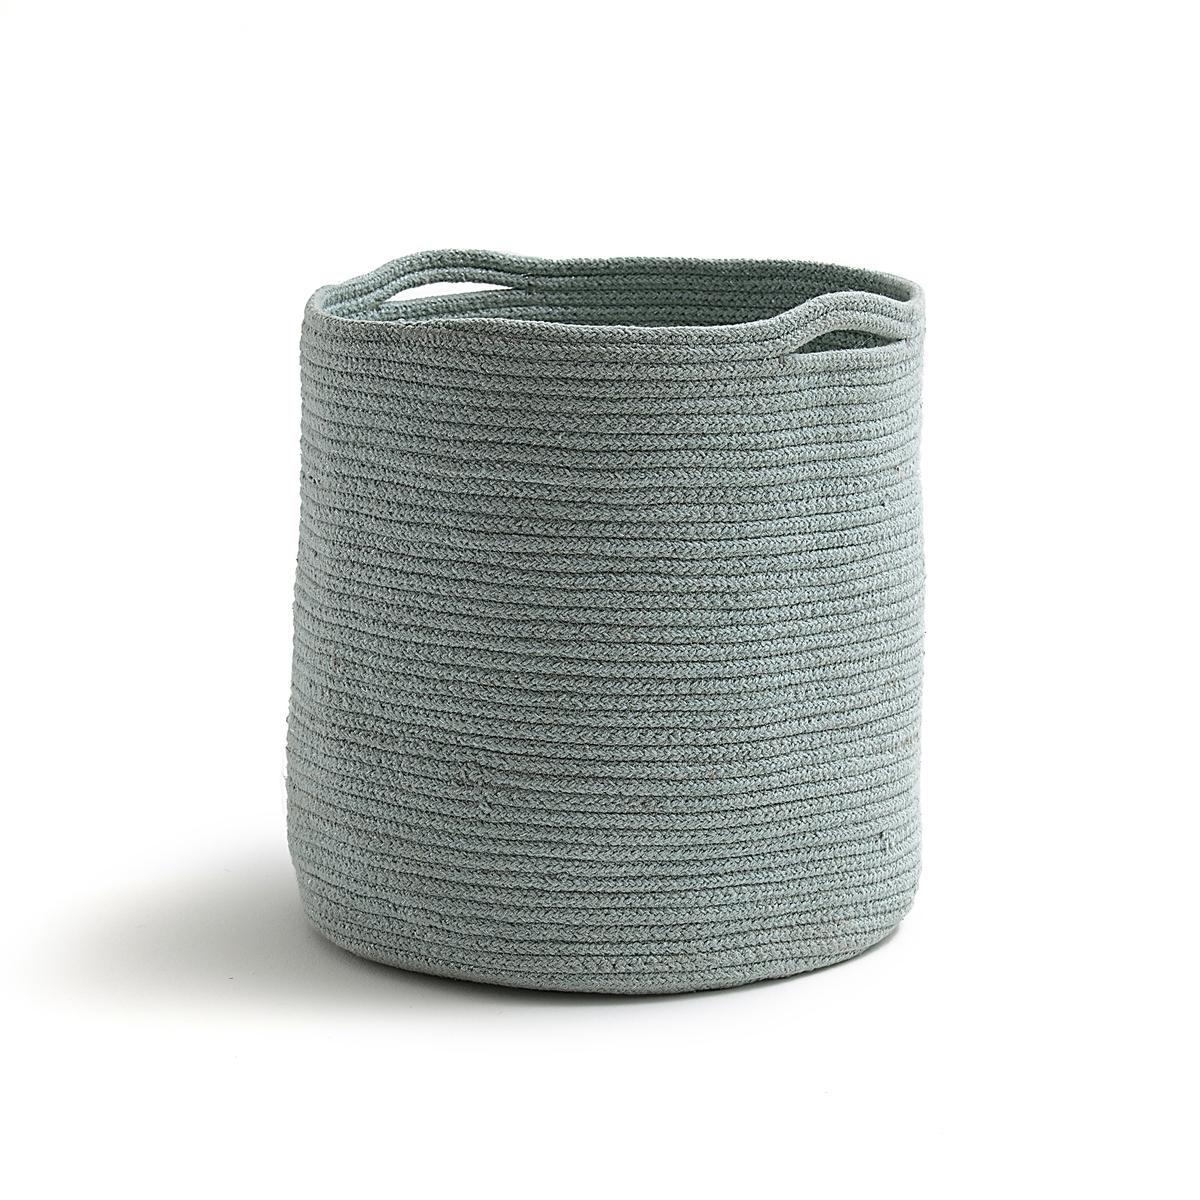 Корзина для хранения SWANNYОписание:Корзина для хранения Swanny : натуральный хлопок и нить люрекса для изящного внешнего вида без ущерба для практичности!Характеристики корзины для хранения Swanny :?63% хлопка, 35% джута, 2% металлизированных волокон Размеры корзины для хранения Swanny :?Диаметр : 30 см?Высота : 35 см<br><br>Цвет: небесно-голубой<br>Размер: единый размер